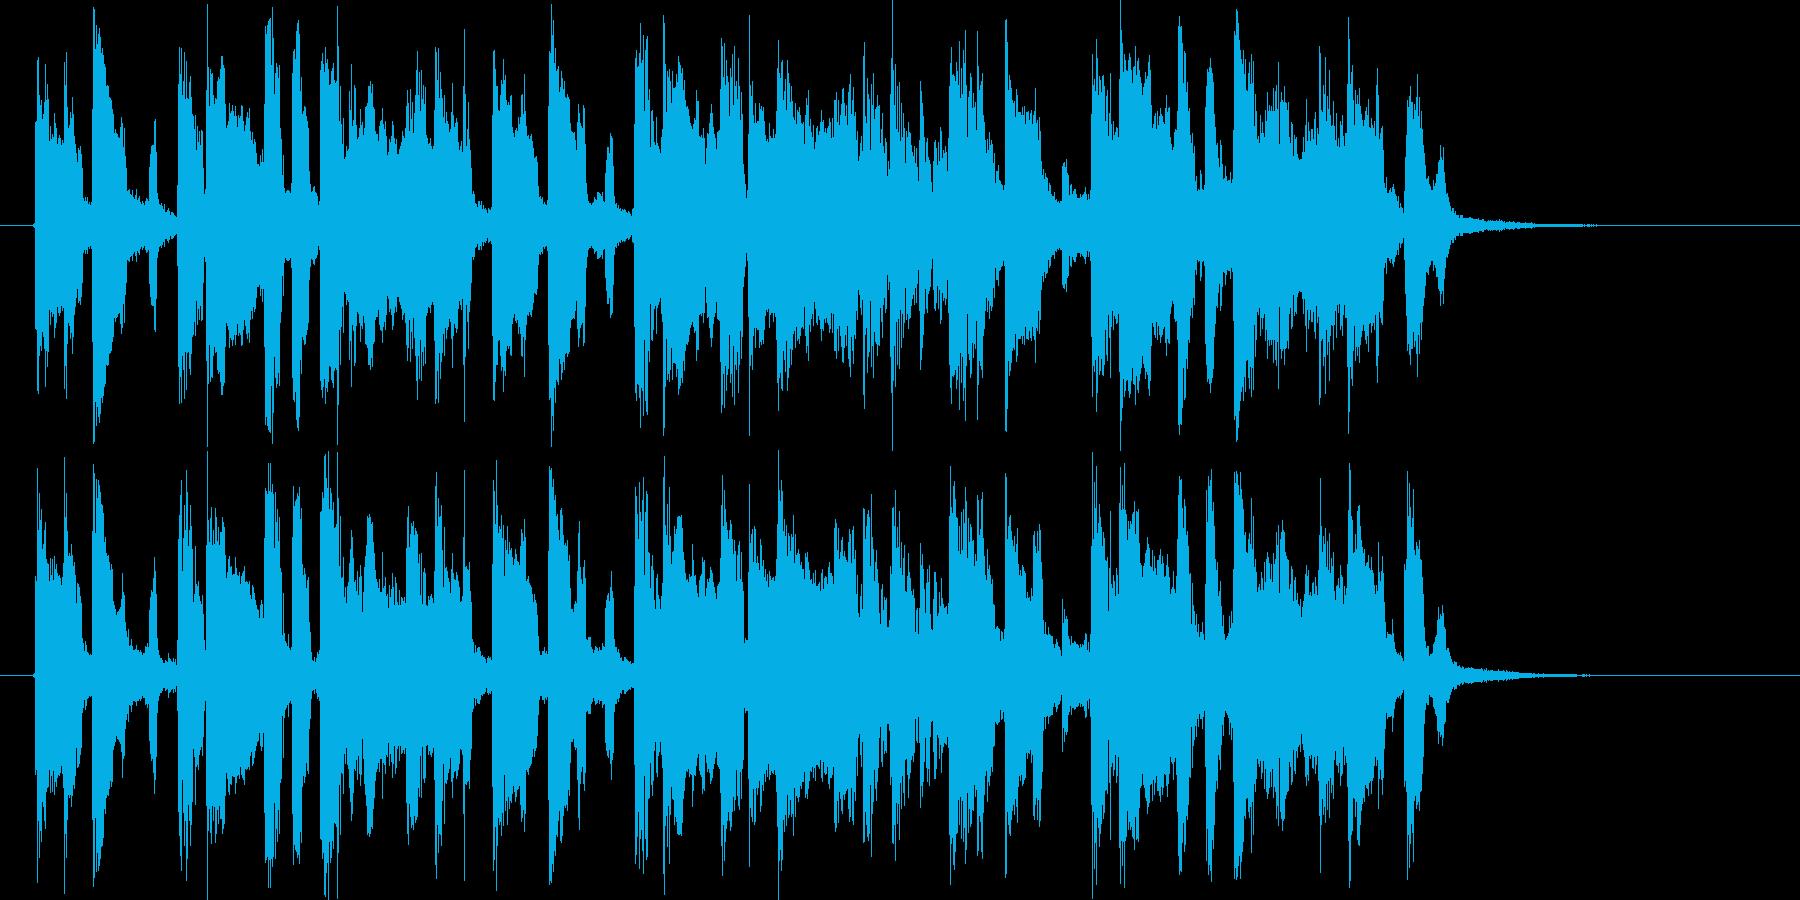 アップテンポでかわいい音楽の再生済みの波形